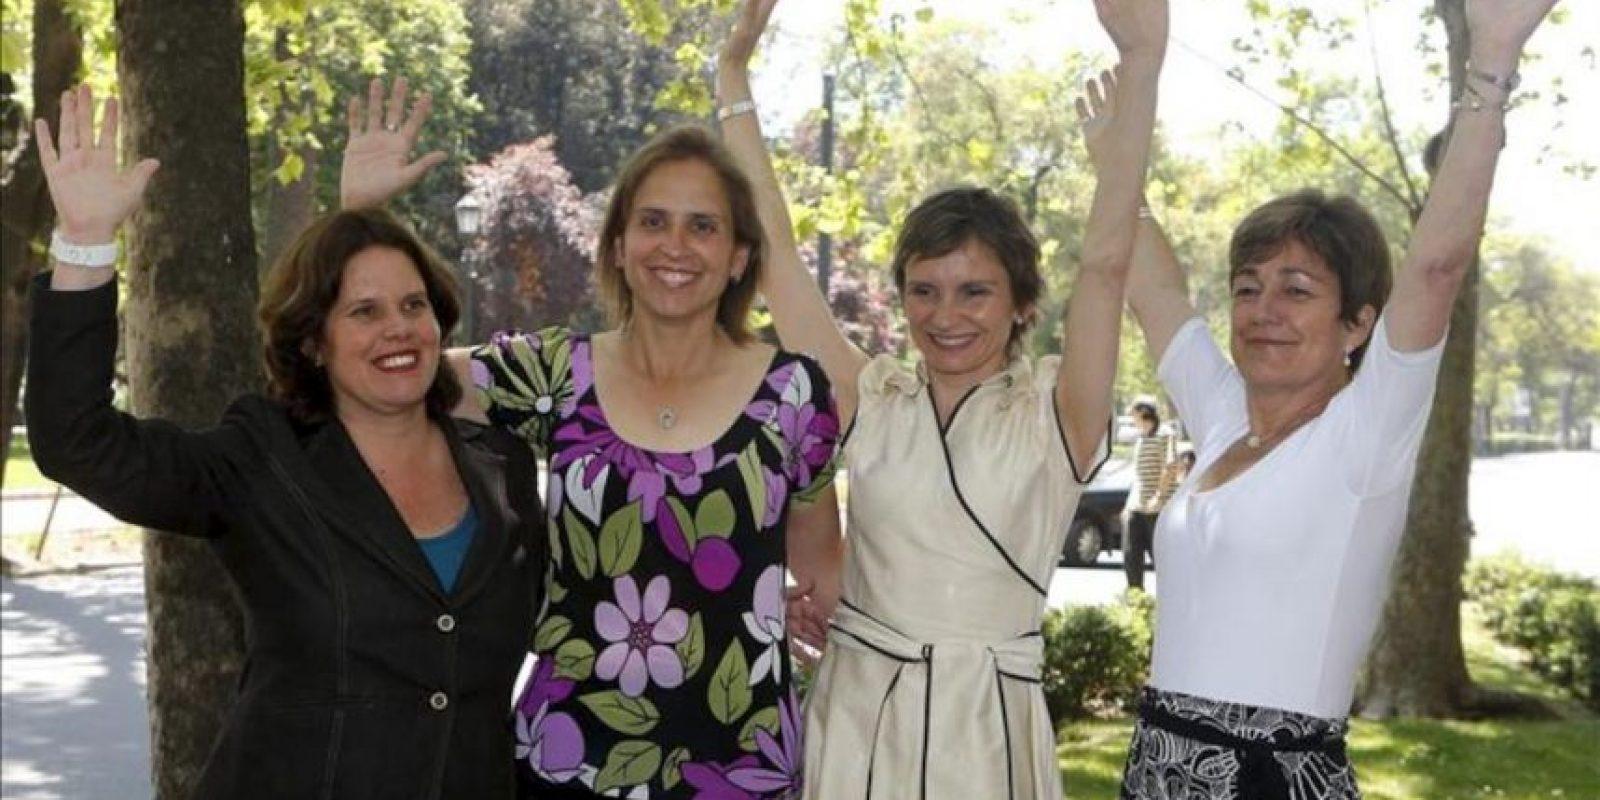 De izquierda a derecha las candidatas electas Maya Fernández Allende, Carolina Leitao, Carolina Tohá y Josefa Errazuriz conversan durante un desayuno en una cafetería de Santiago de Chile, en compañía de otros alcaldes electos en las elecciones municipales que se celebraron ayer en Chile. EFE